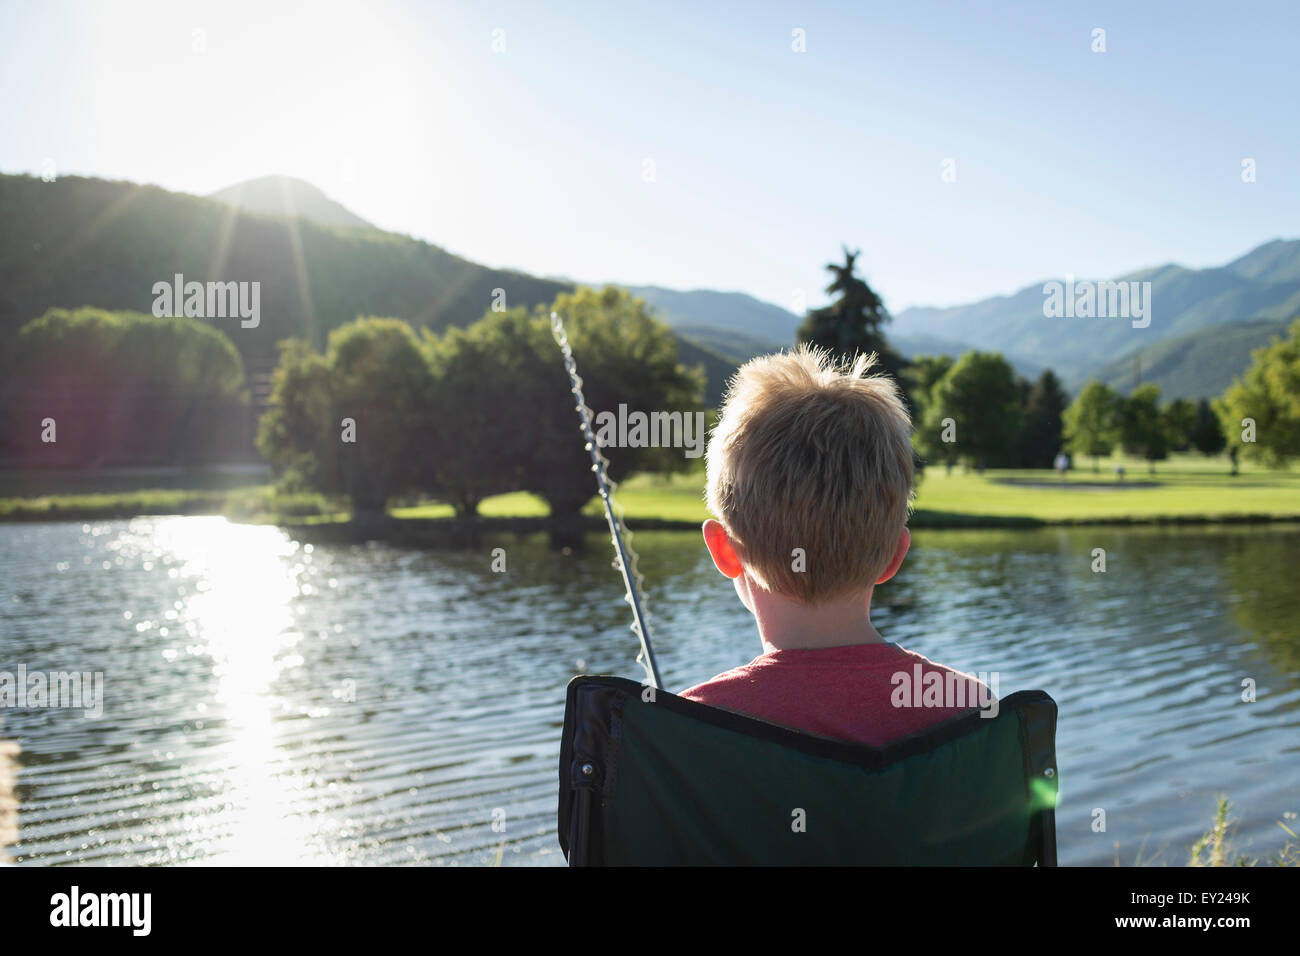 Giovane ragazzo di pesca, vista posteriore, stato di Washington Park, Utah, Stati Uniti d'America Immagini Stock